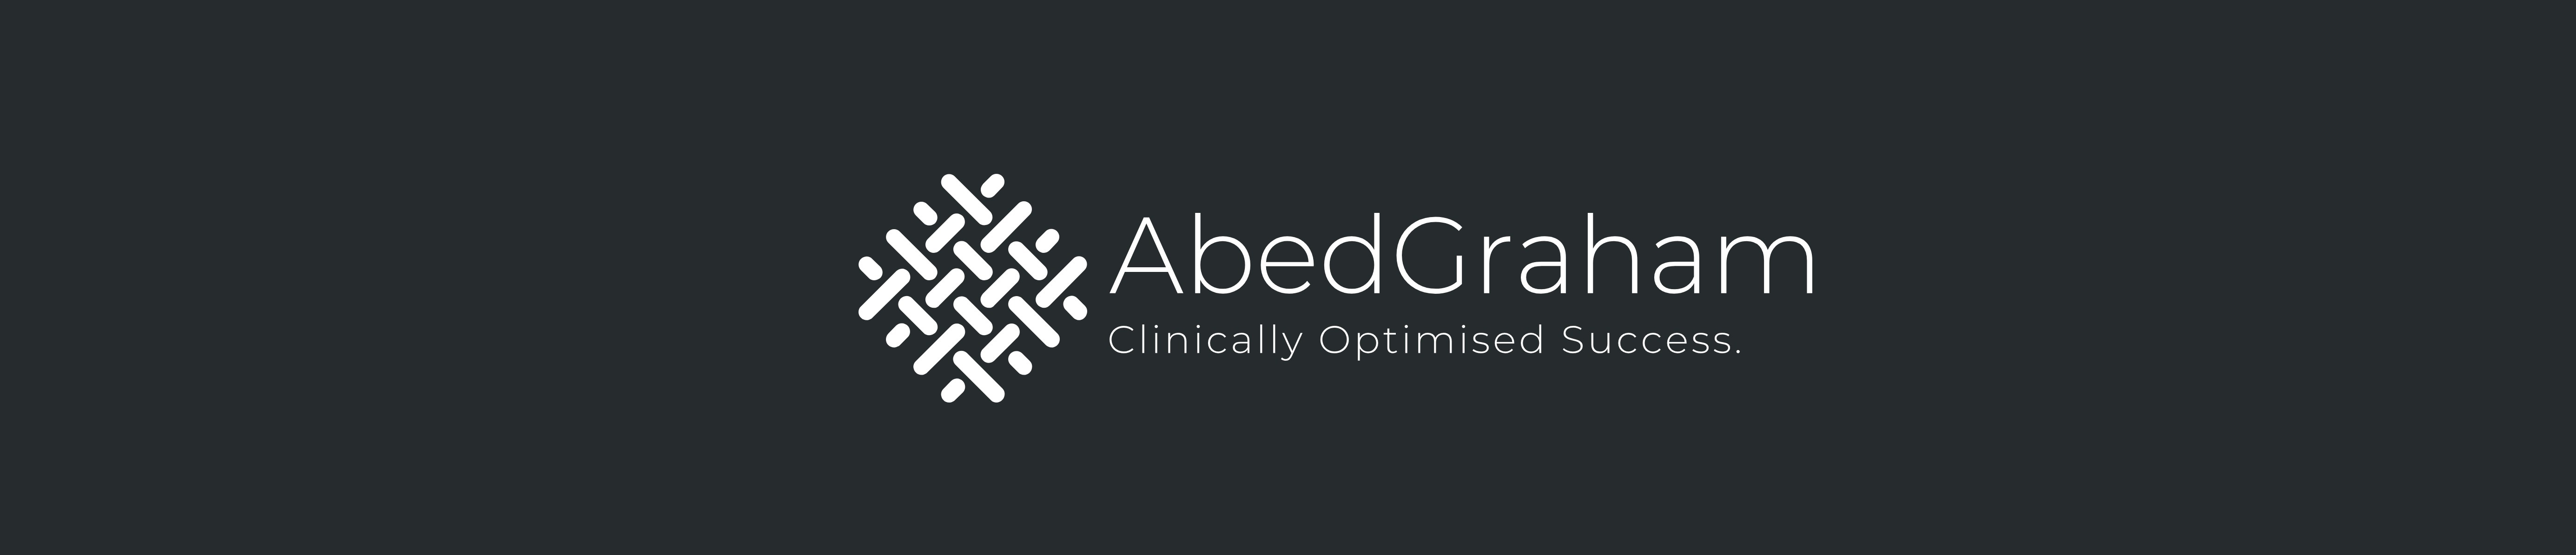 Strategic Partnership with The AbedGraham Group